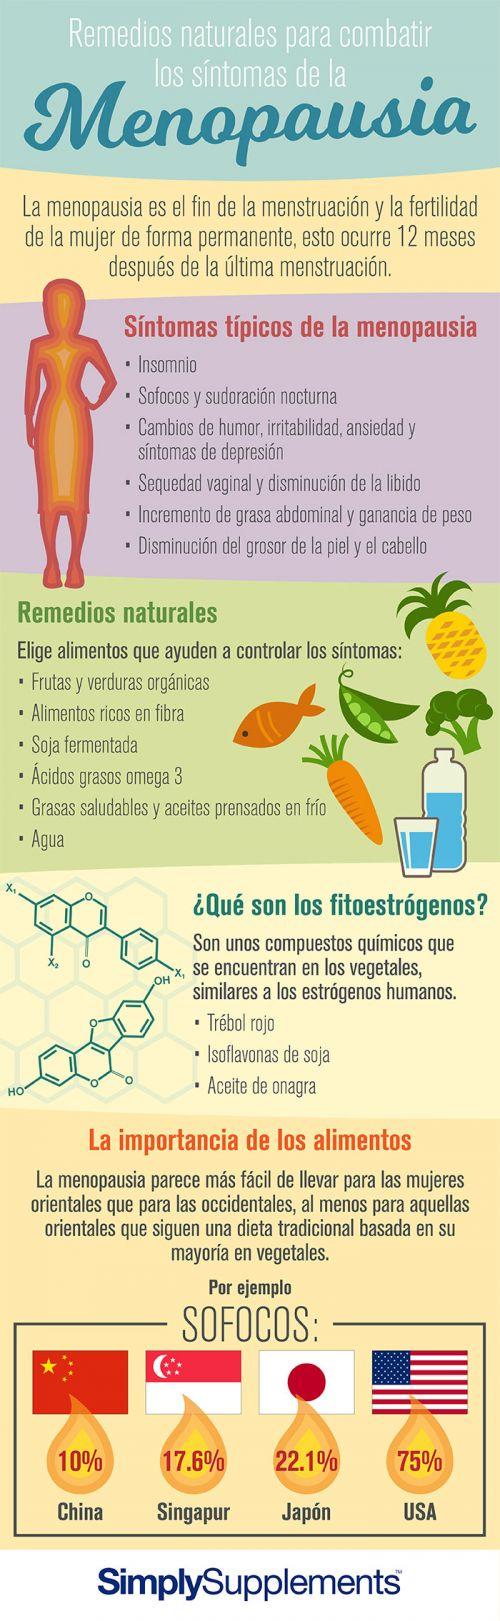 remedios-naturales-para-combatir-los-sintomas-de-la-menopausia